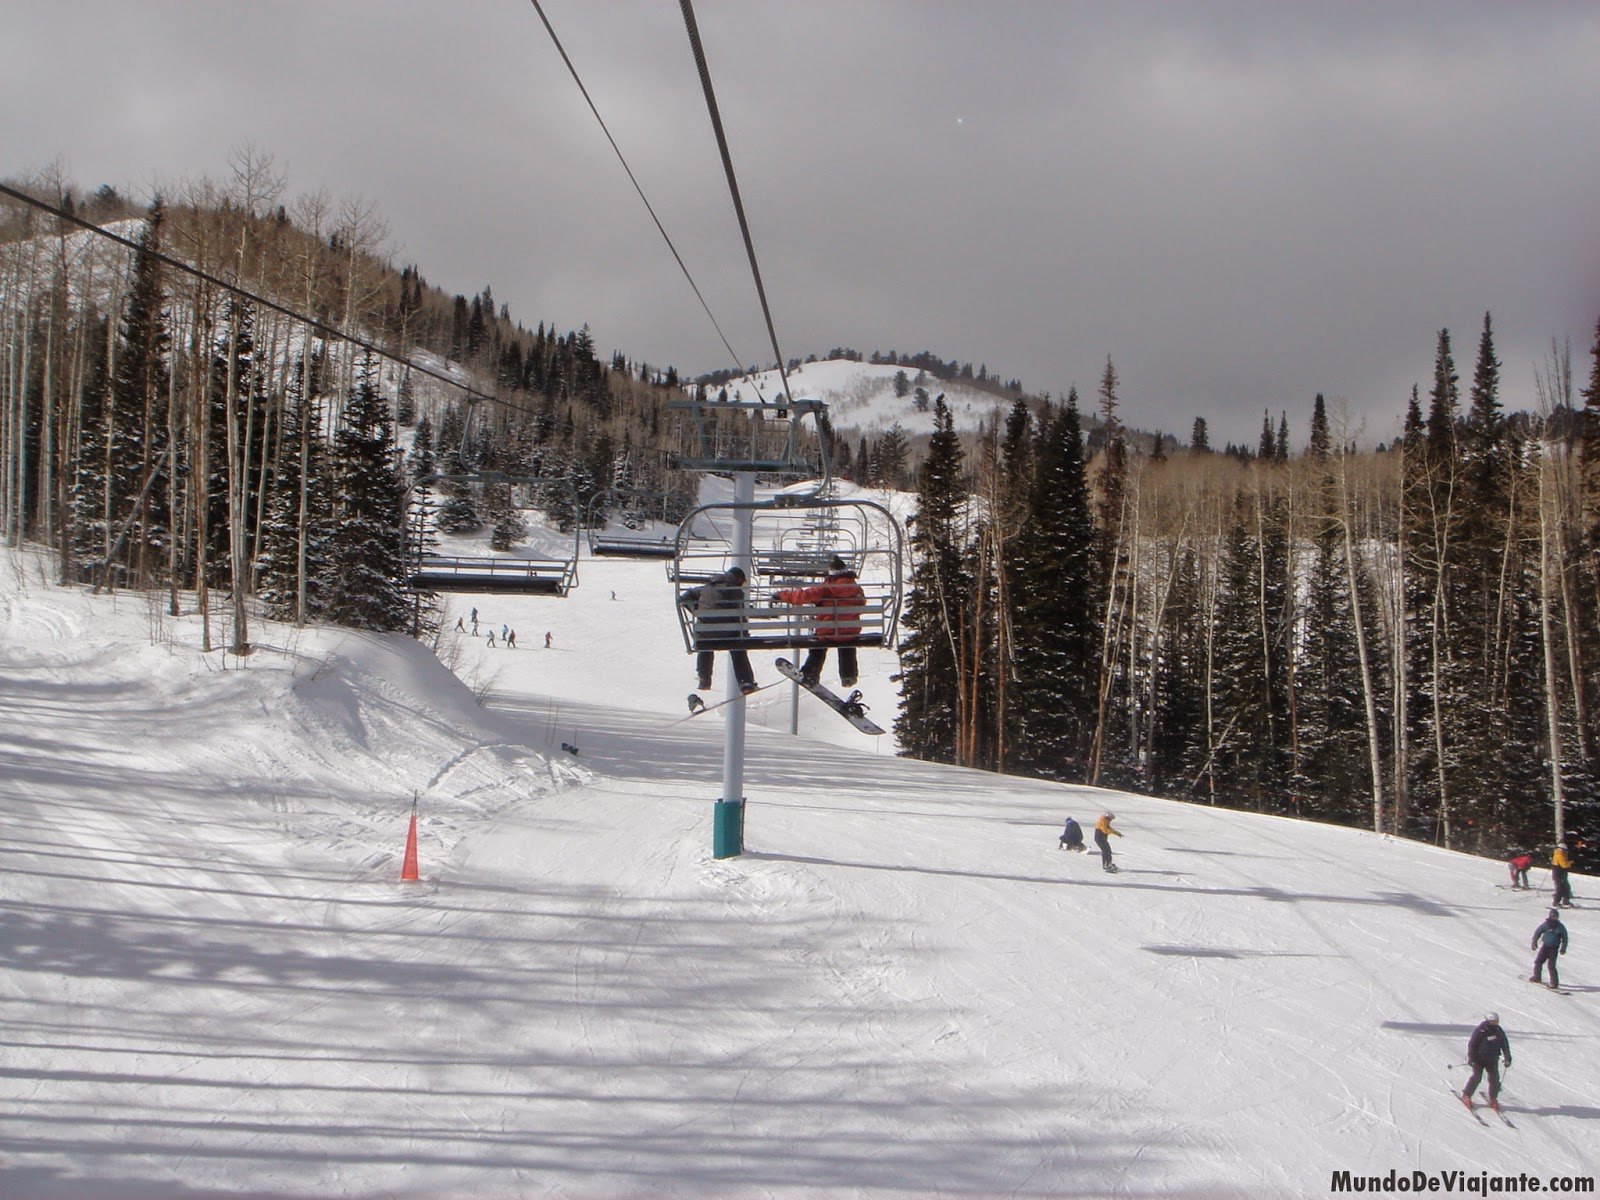 viajar barato - Snowboard nos Estados Unidos